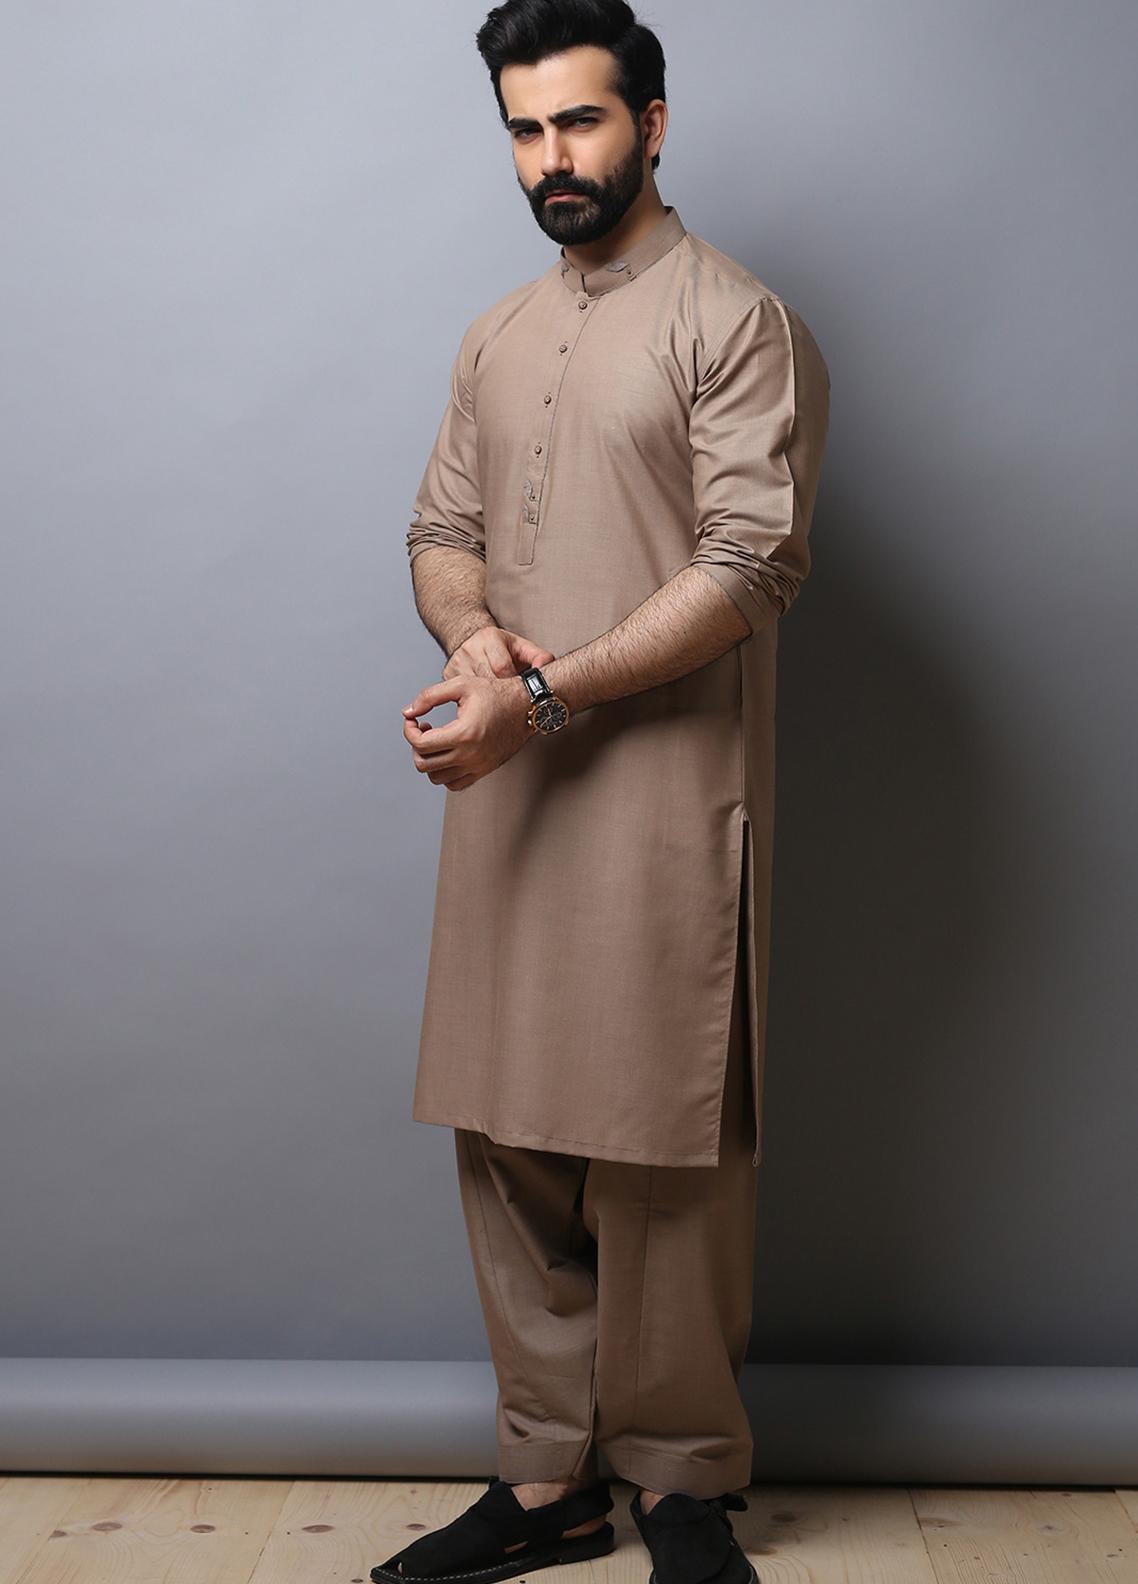 Edenrobe Wash N Wear Formal Kameez Shalwar for Men - Brown EMTKS19-014